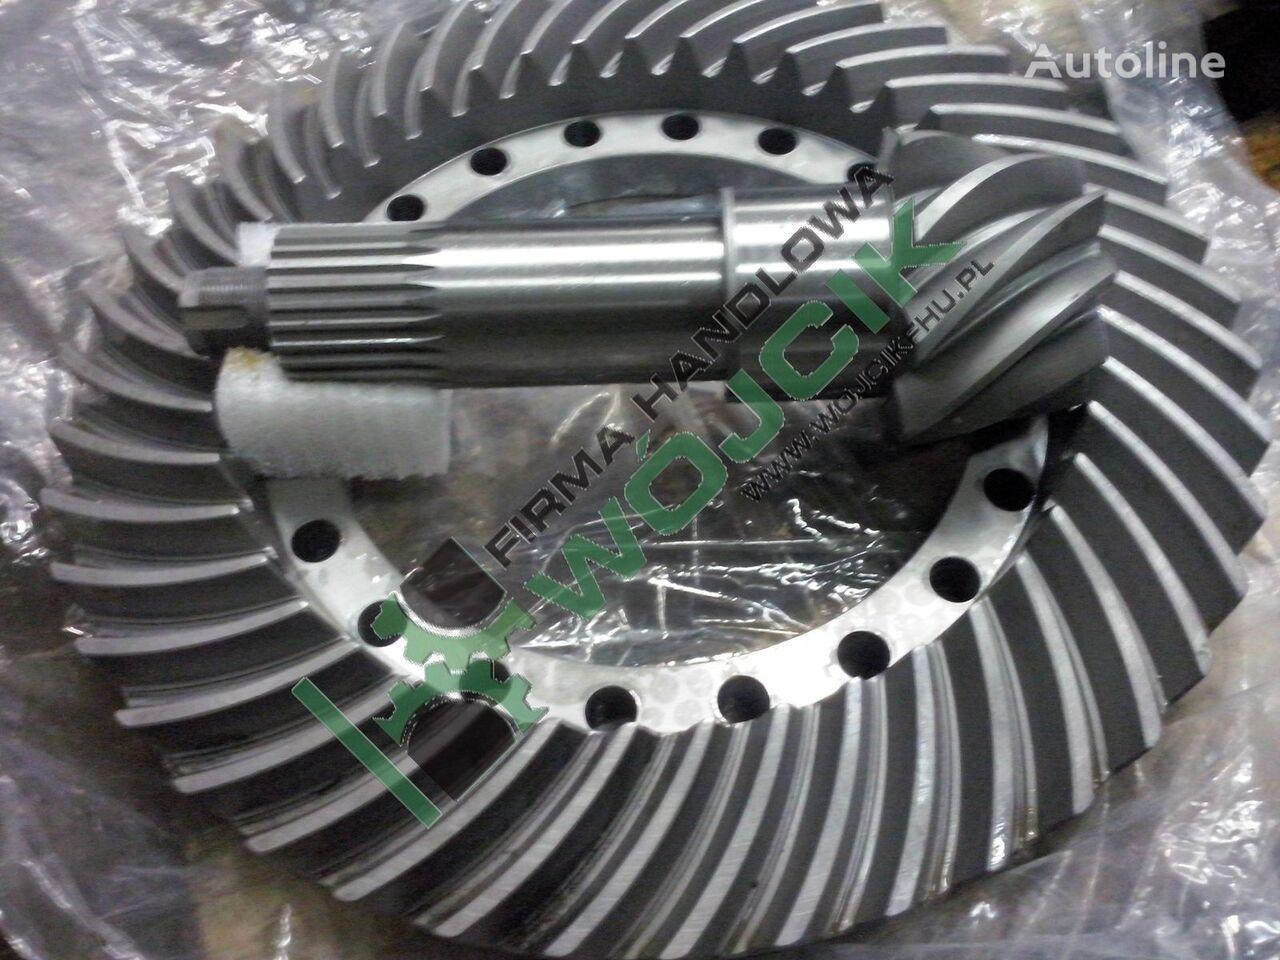 new VOLVO Wałek atakujący z kołem talerzowym 9/43 Bevel gear set to 9/43 drive axle for VOLVO wheel loader